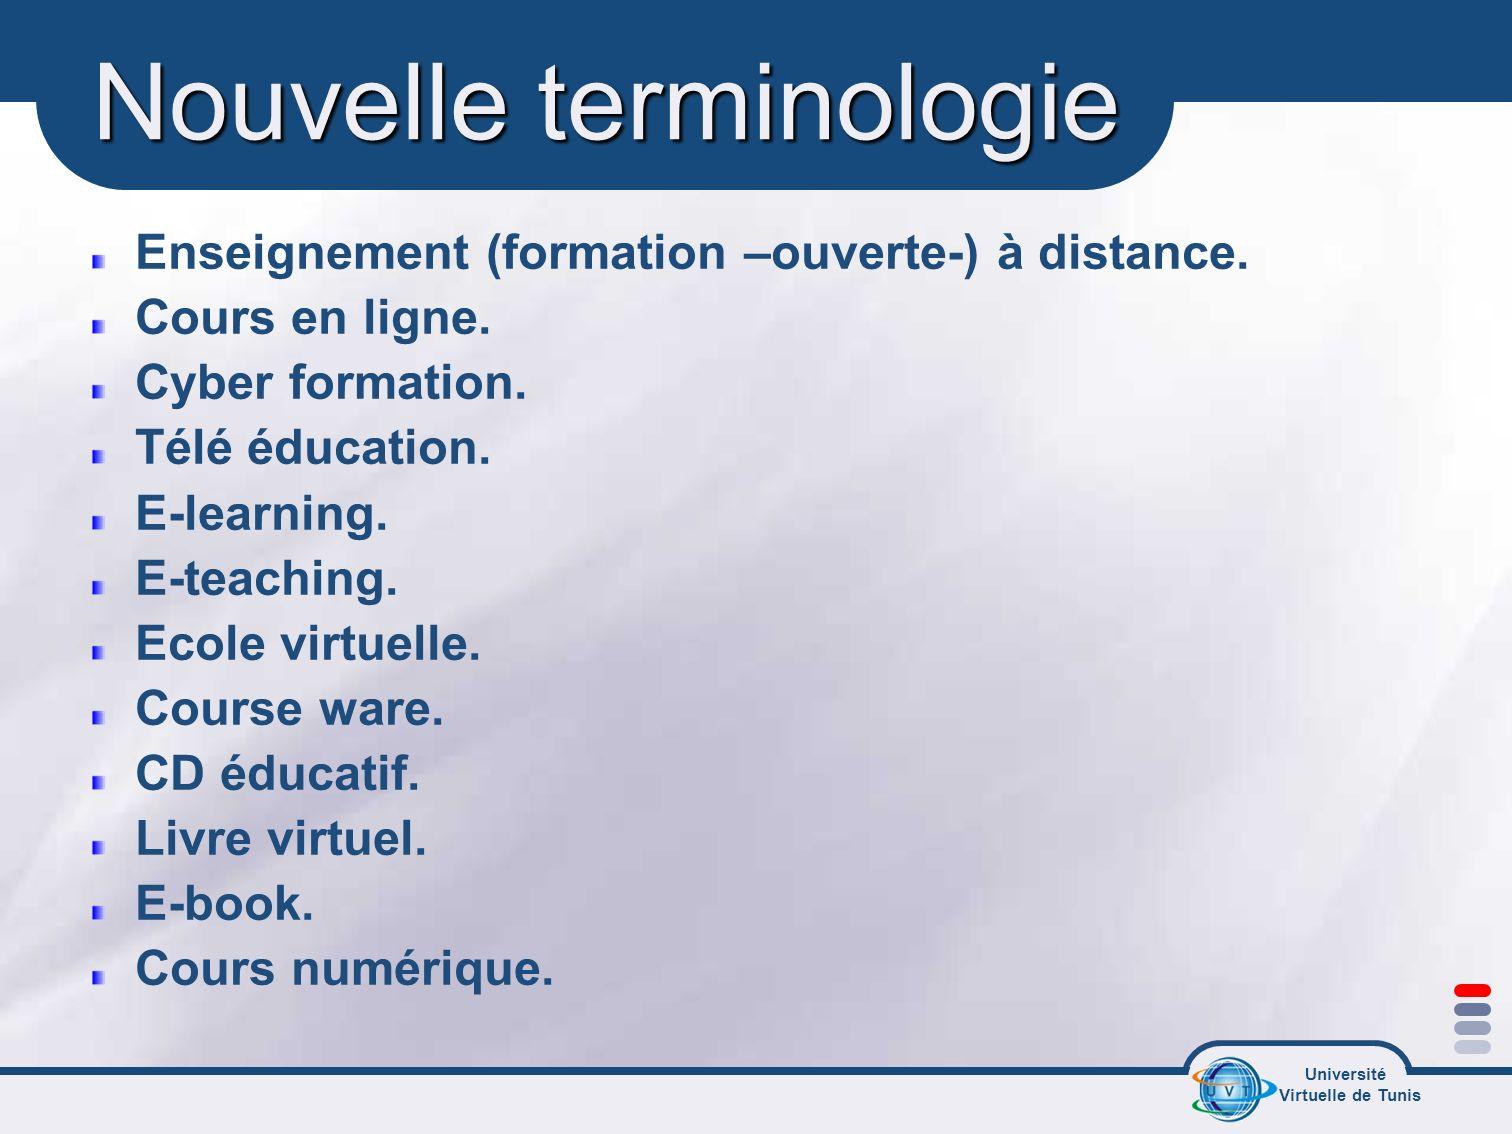 Université Virtuelle de Tunis Nouvelle terminologie Enseignement (formation – ouverte-) à distance.